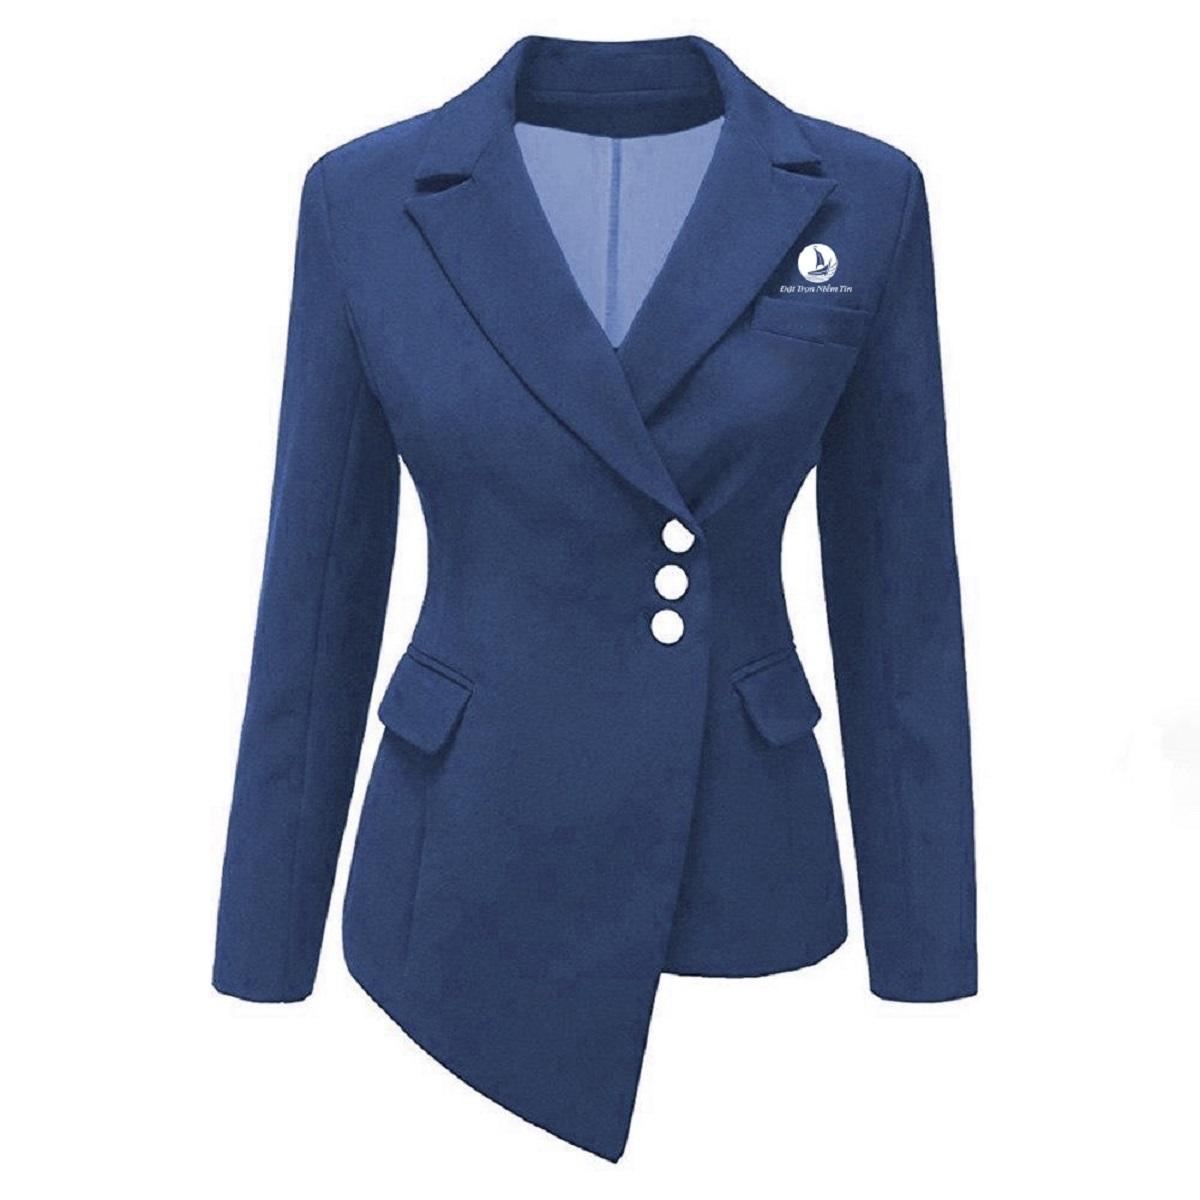 Đặc điểm chính của vest là phần vai chuẩn, đường cắt giúp vòng eo thon gọn, phần lưng cong và tạo cúp ngực tròn đầy giúp phụ nữ luôn tự tin.